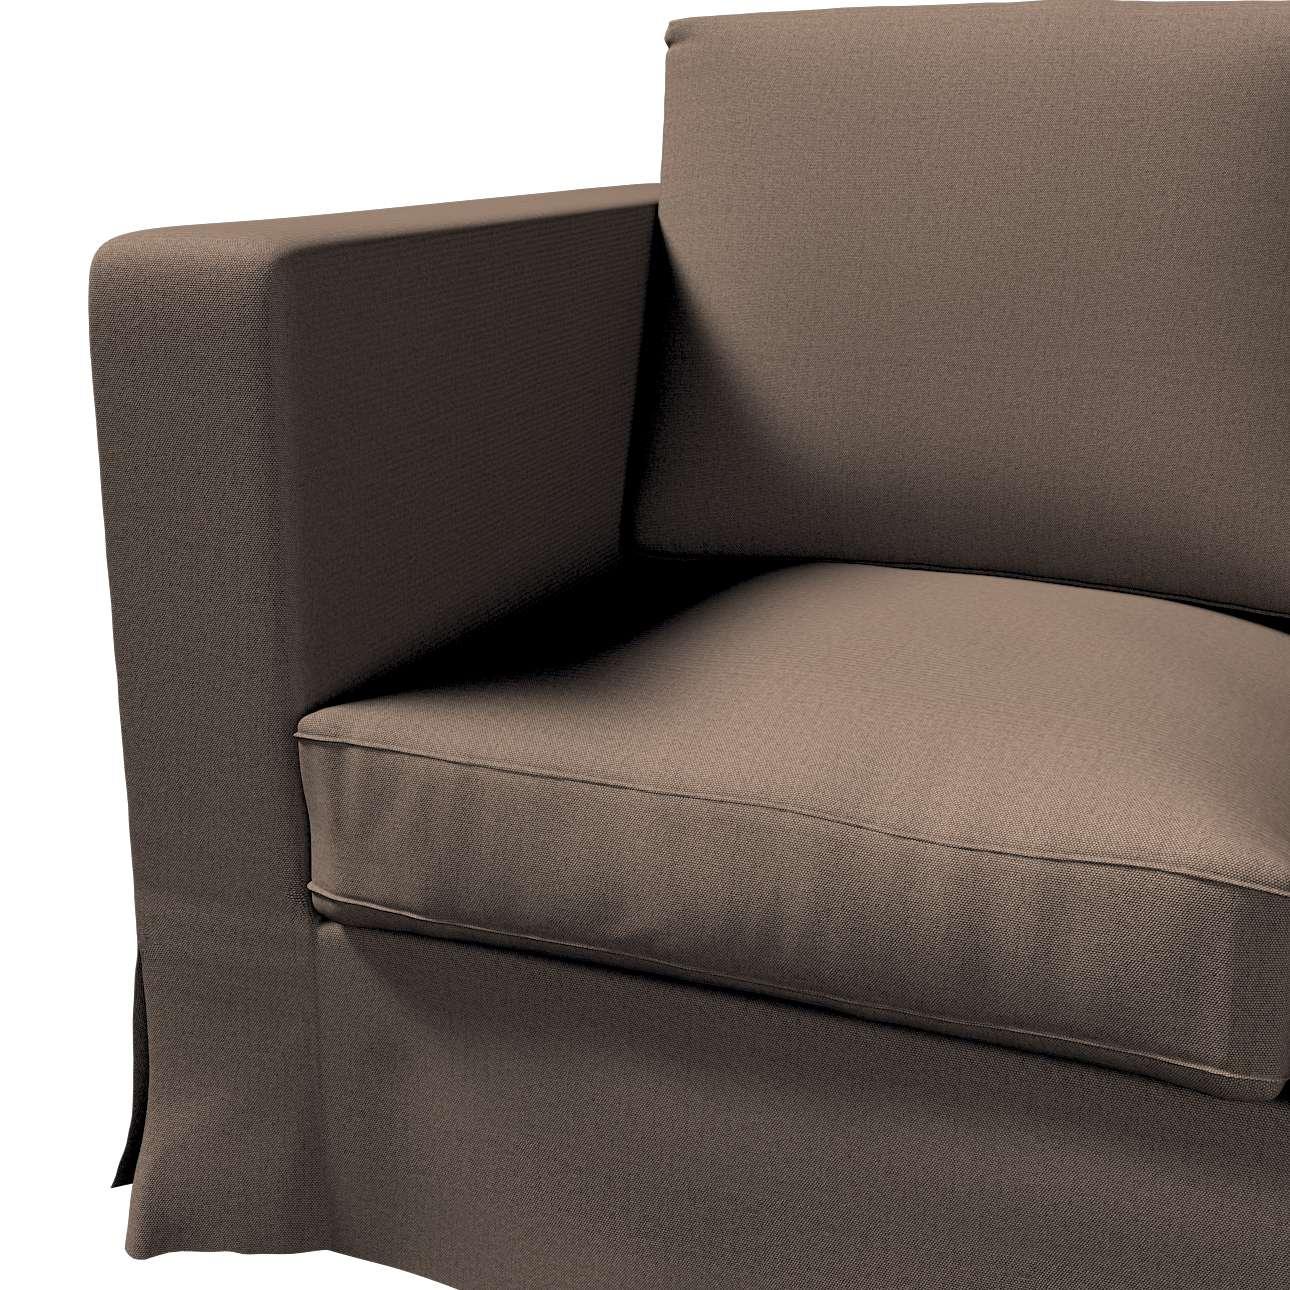 Karlanda klädsel 3-sits soffa - lång i kollektionen Etna, Tyg: 705-08